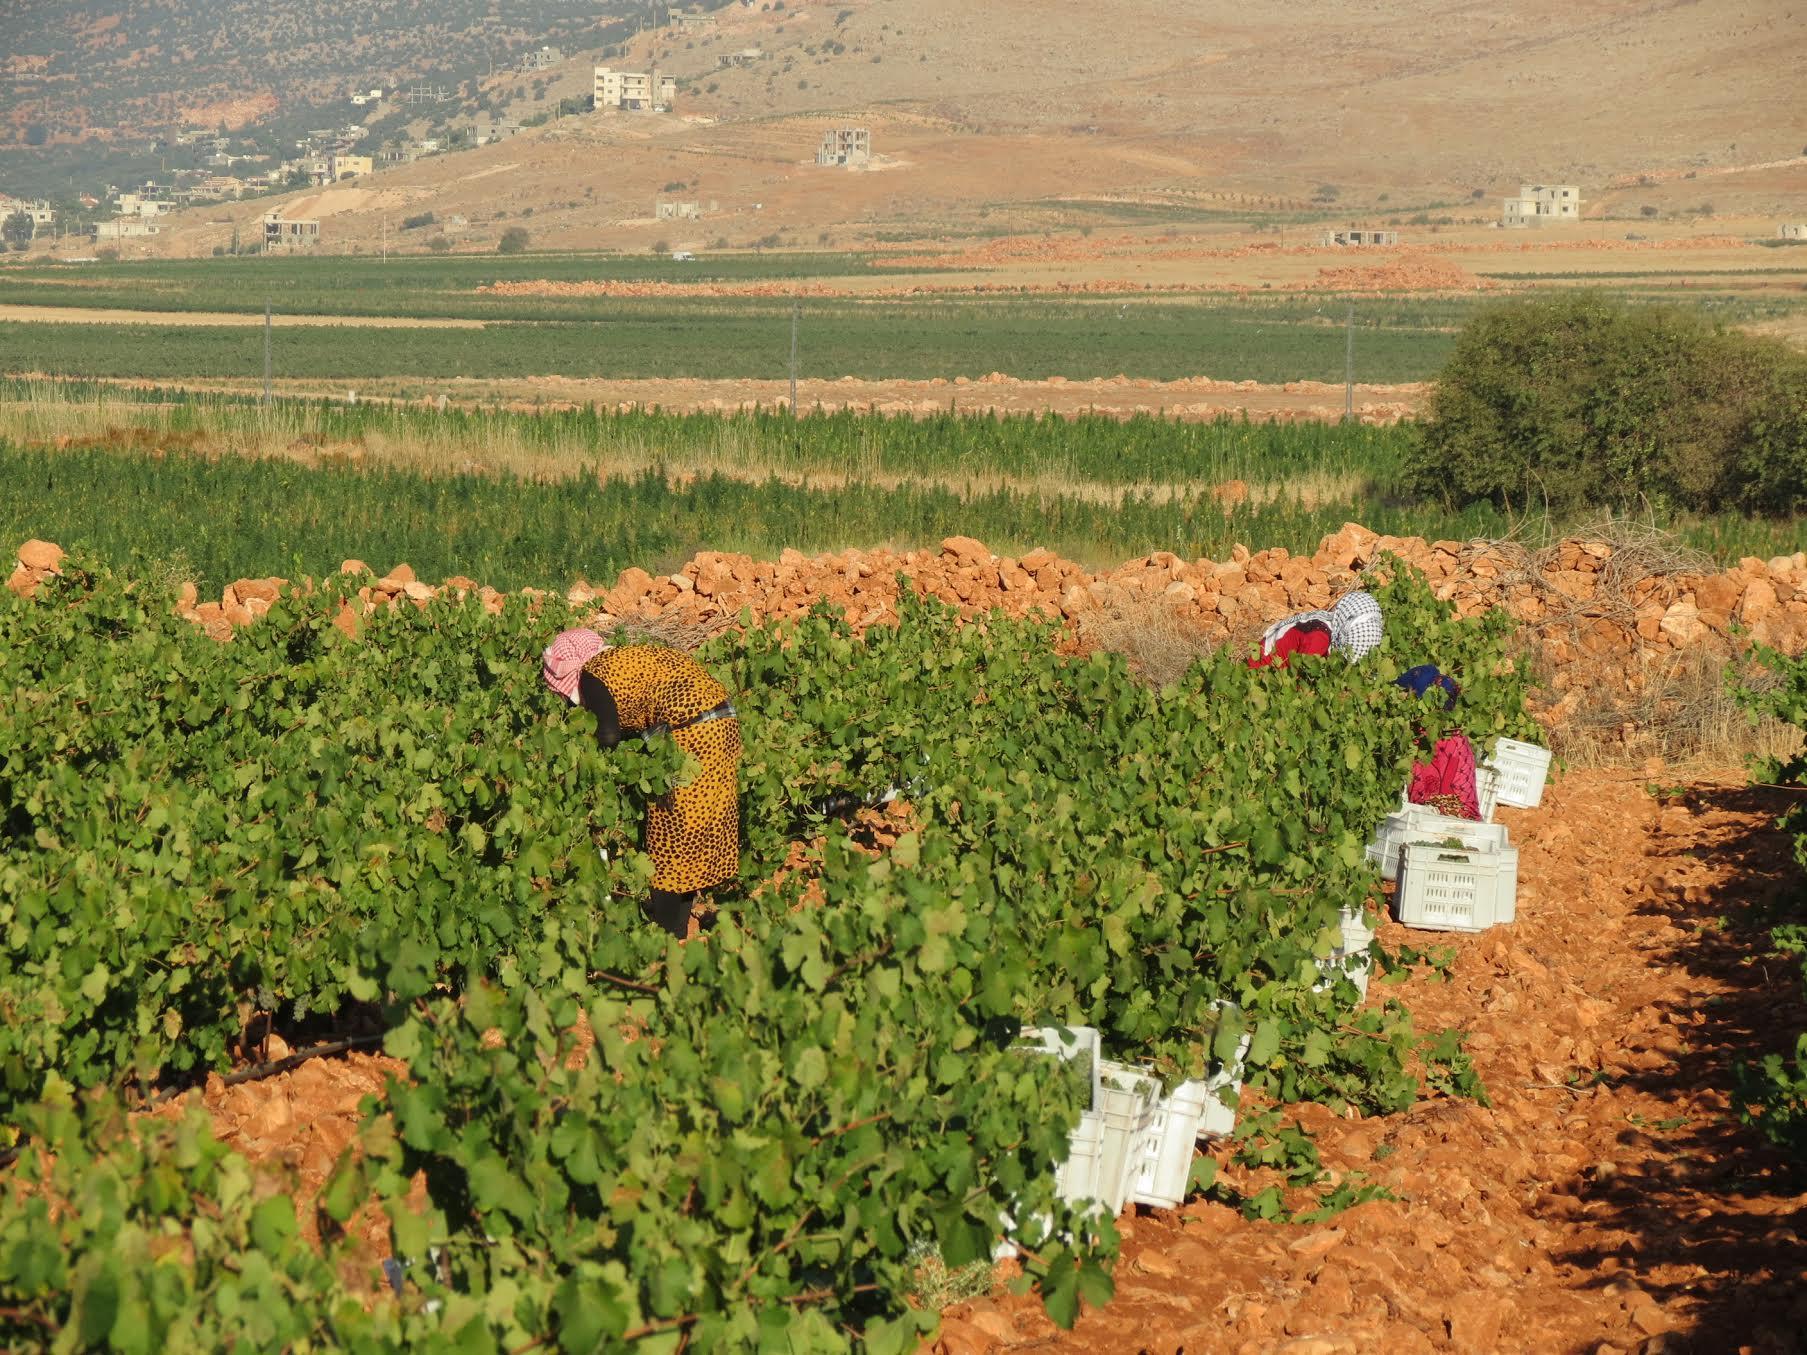 Couvent_rouge_Lebanon_borderless_wine.jpg